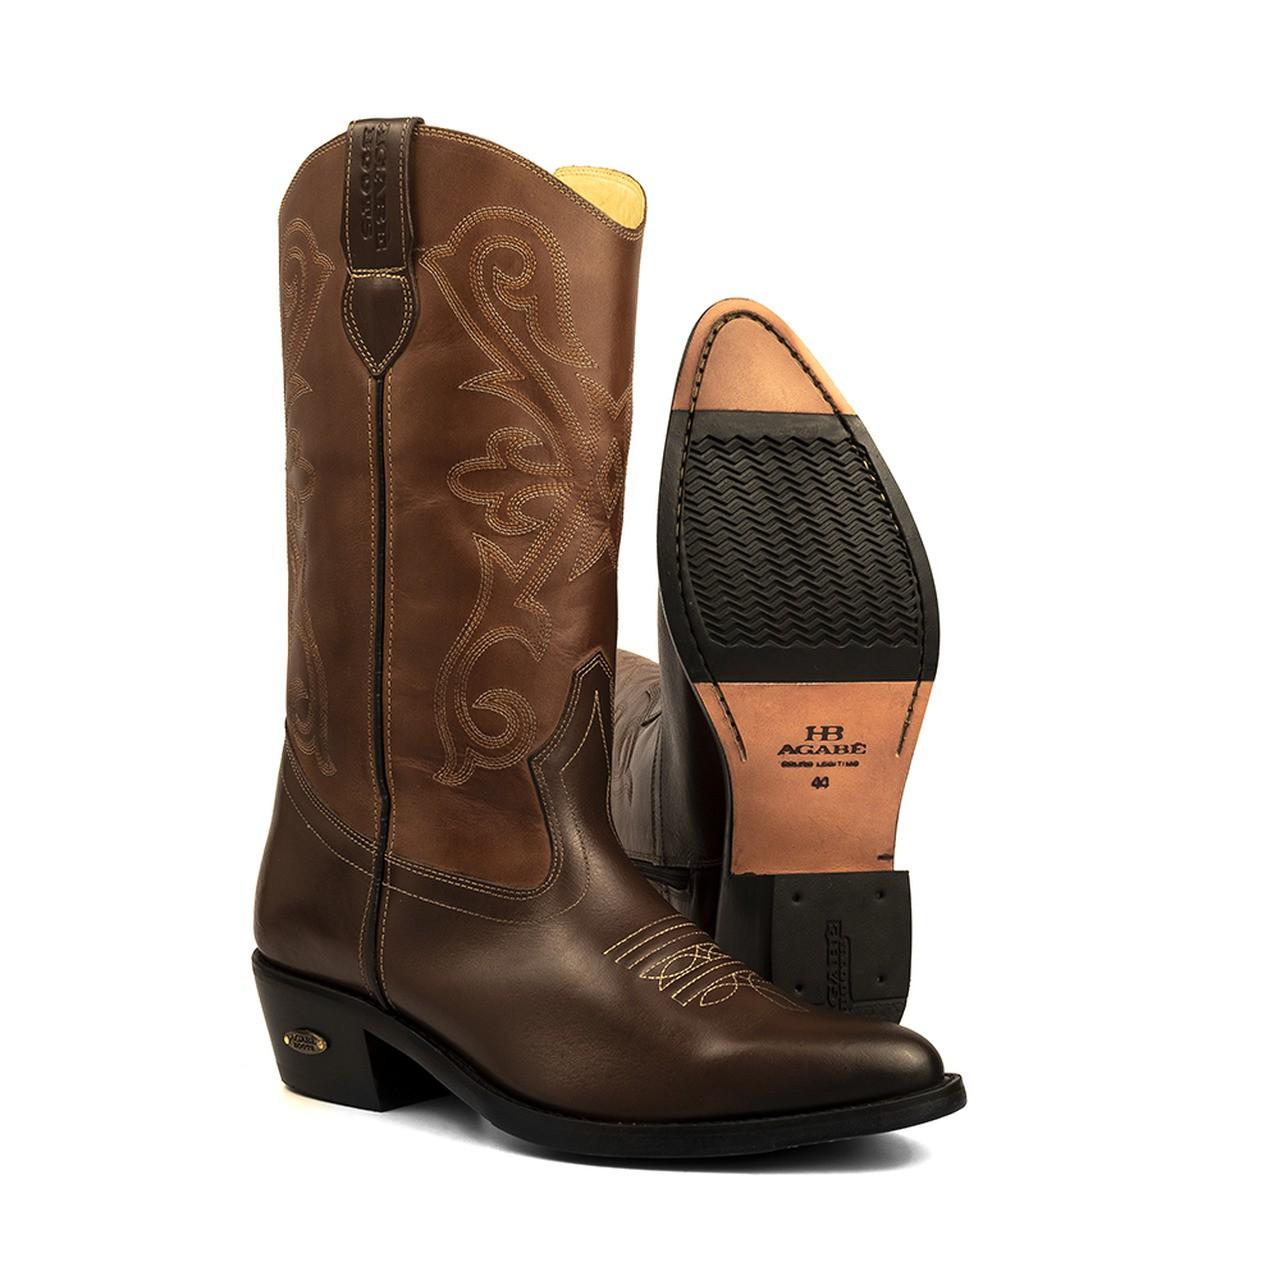 Bota Texana HB Agabe Boots 200.004 - Lt Café + Marrom - Solado de Borracha